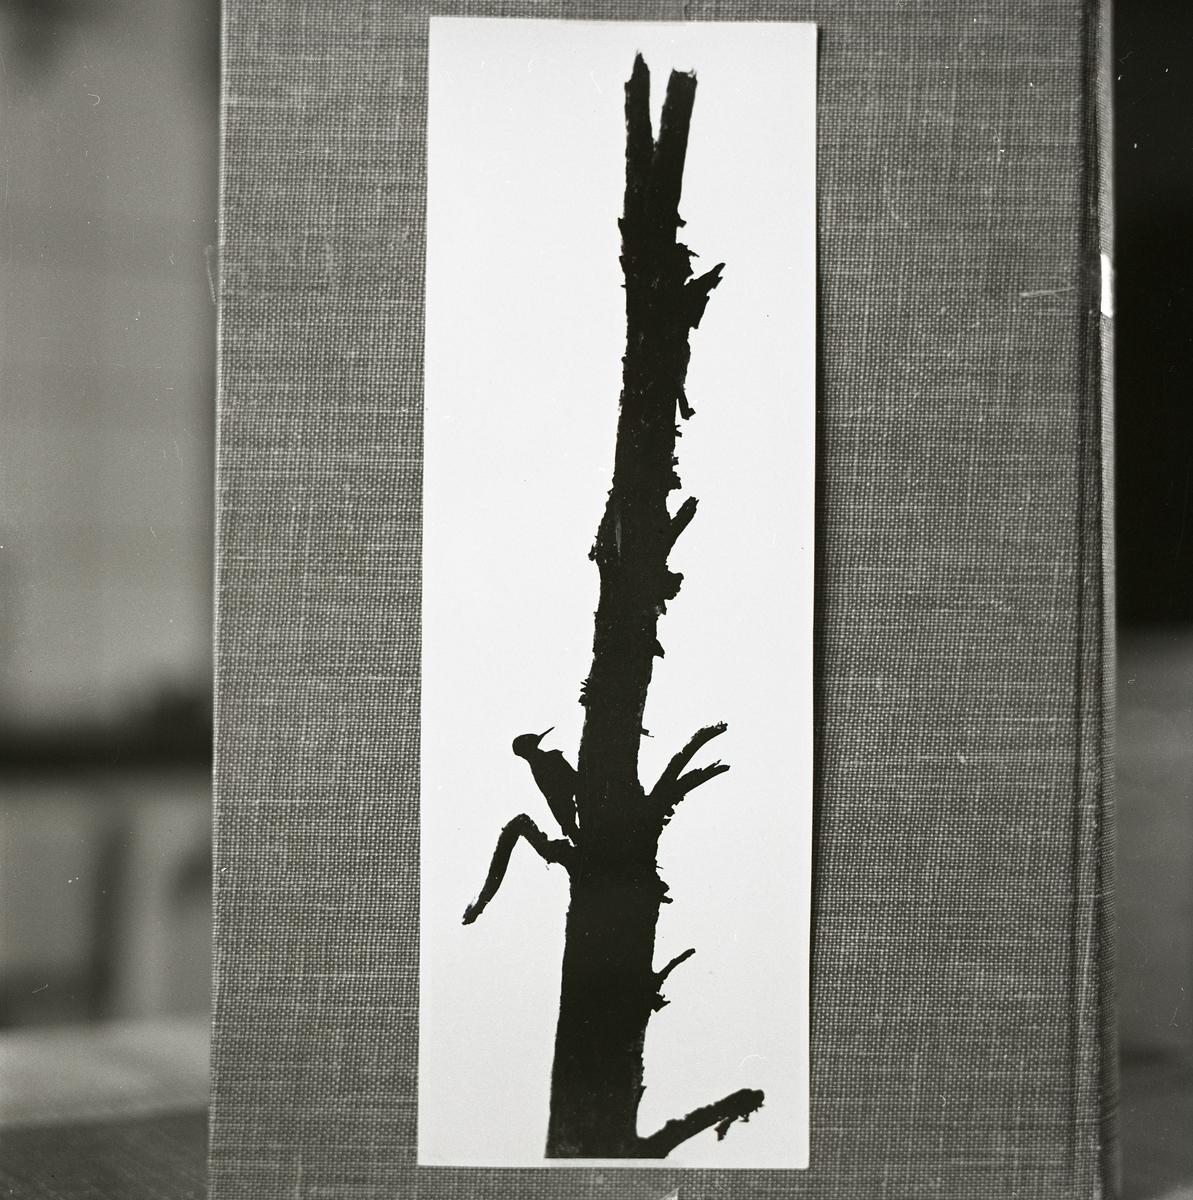 På ett vävt bokomslag ligger en siluettmålning som föreställer en spillskråka hackandes på ett grenigt och avbrutet träd.